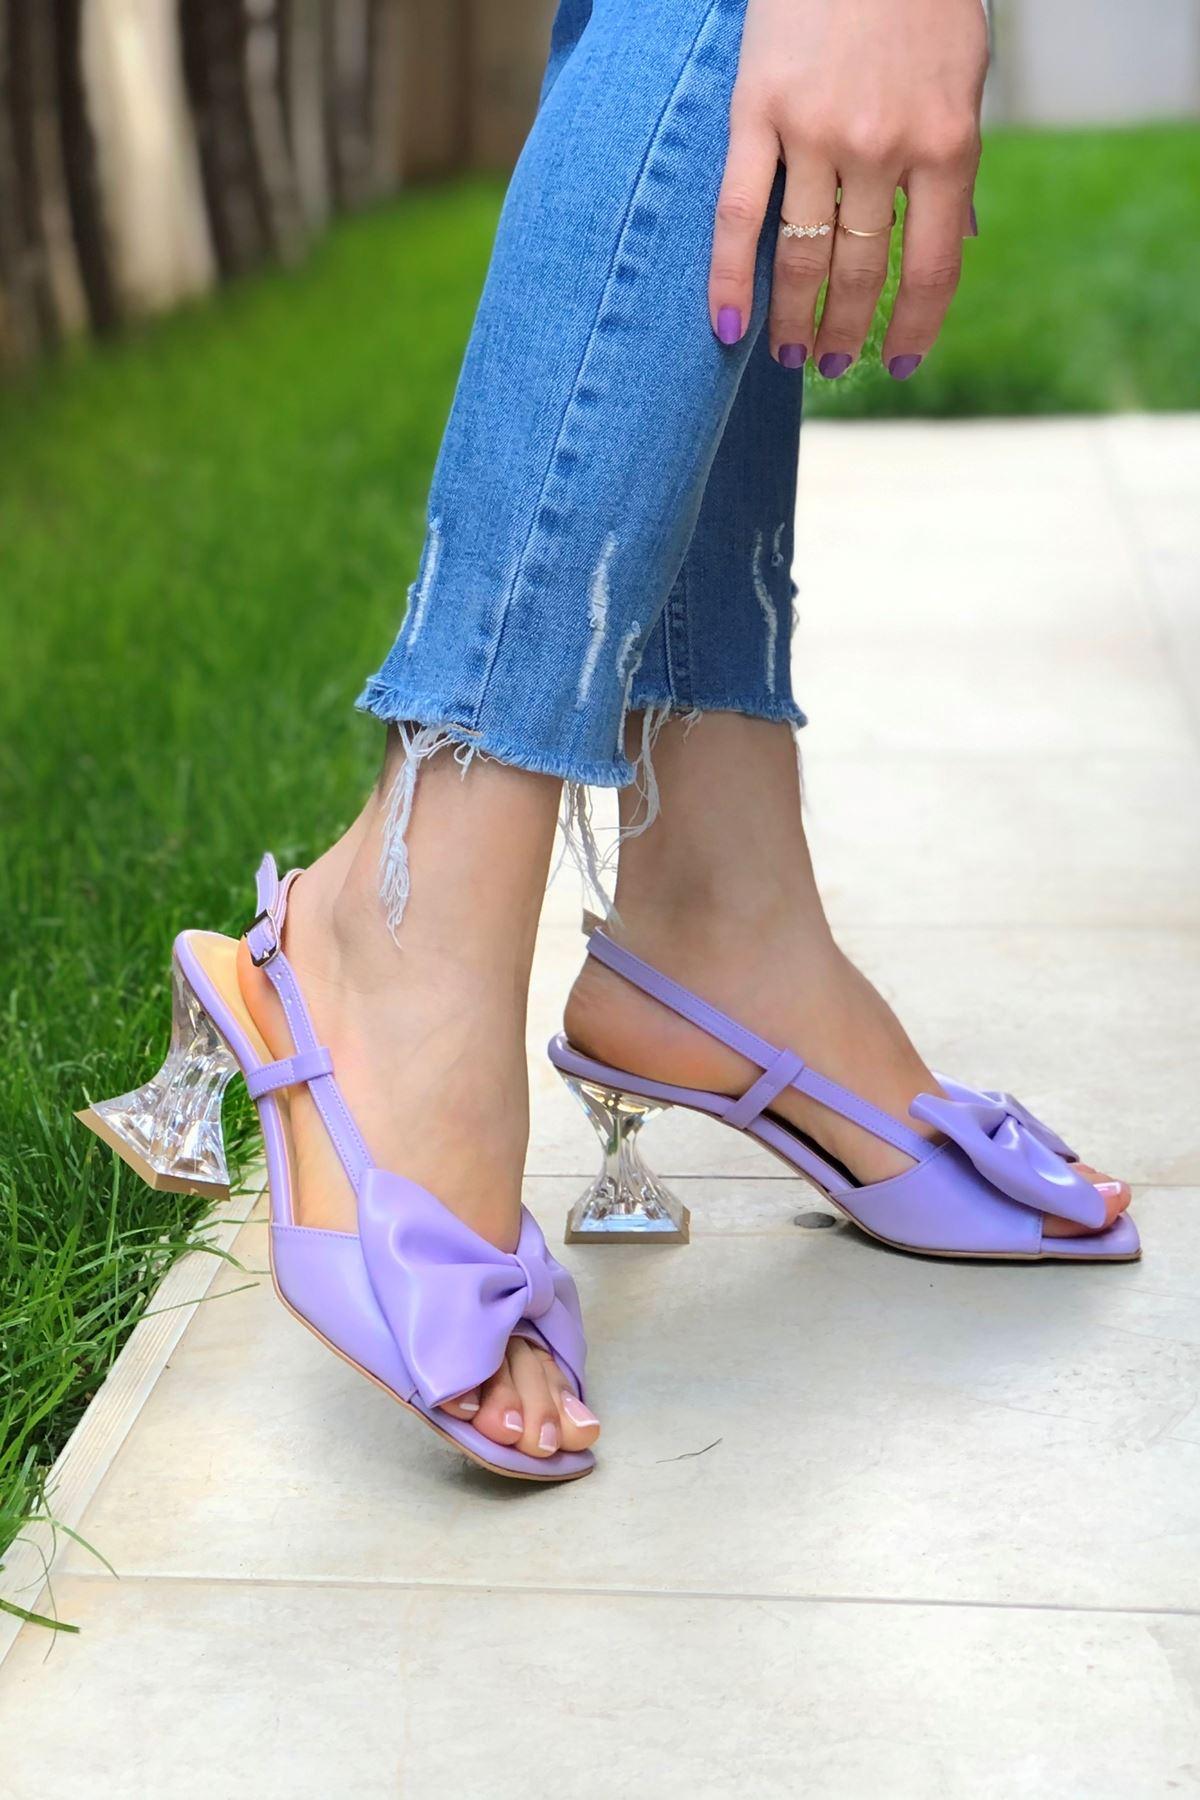 Cloe Lila Cilt Papyonlu Şeffaf Kadın Topuklu Ayakkabı